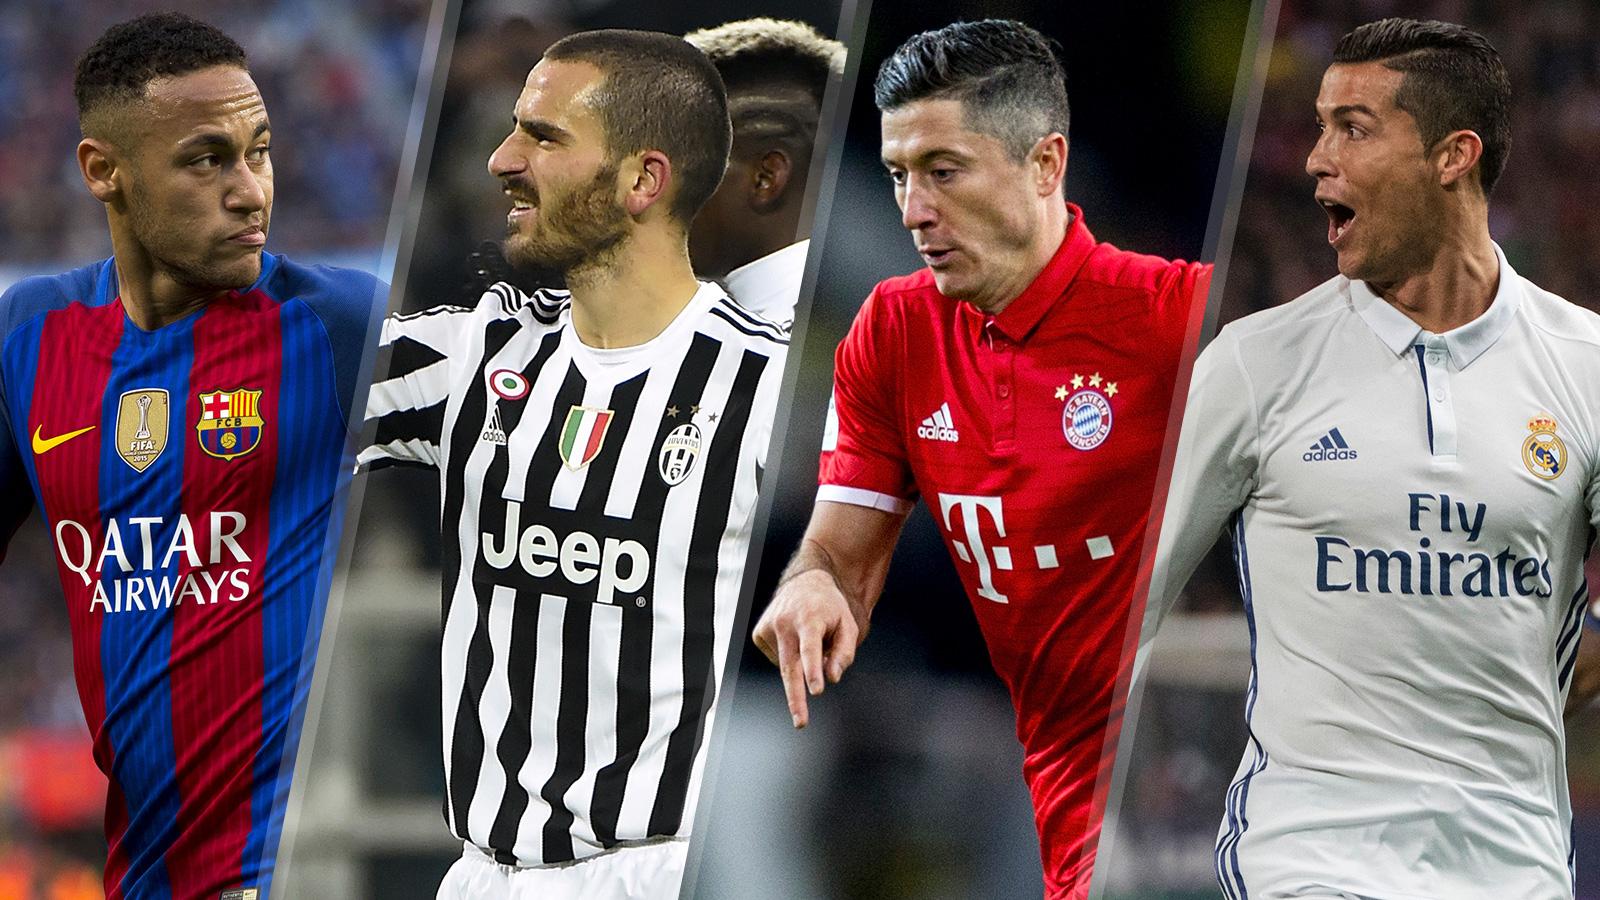 021117-UCL-Neymar-Bonucci-Lewy-Ronaldo-split